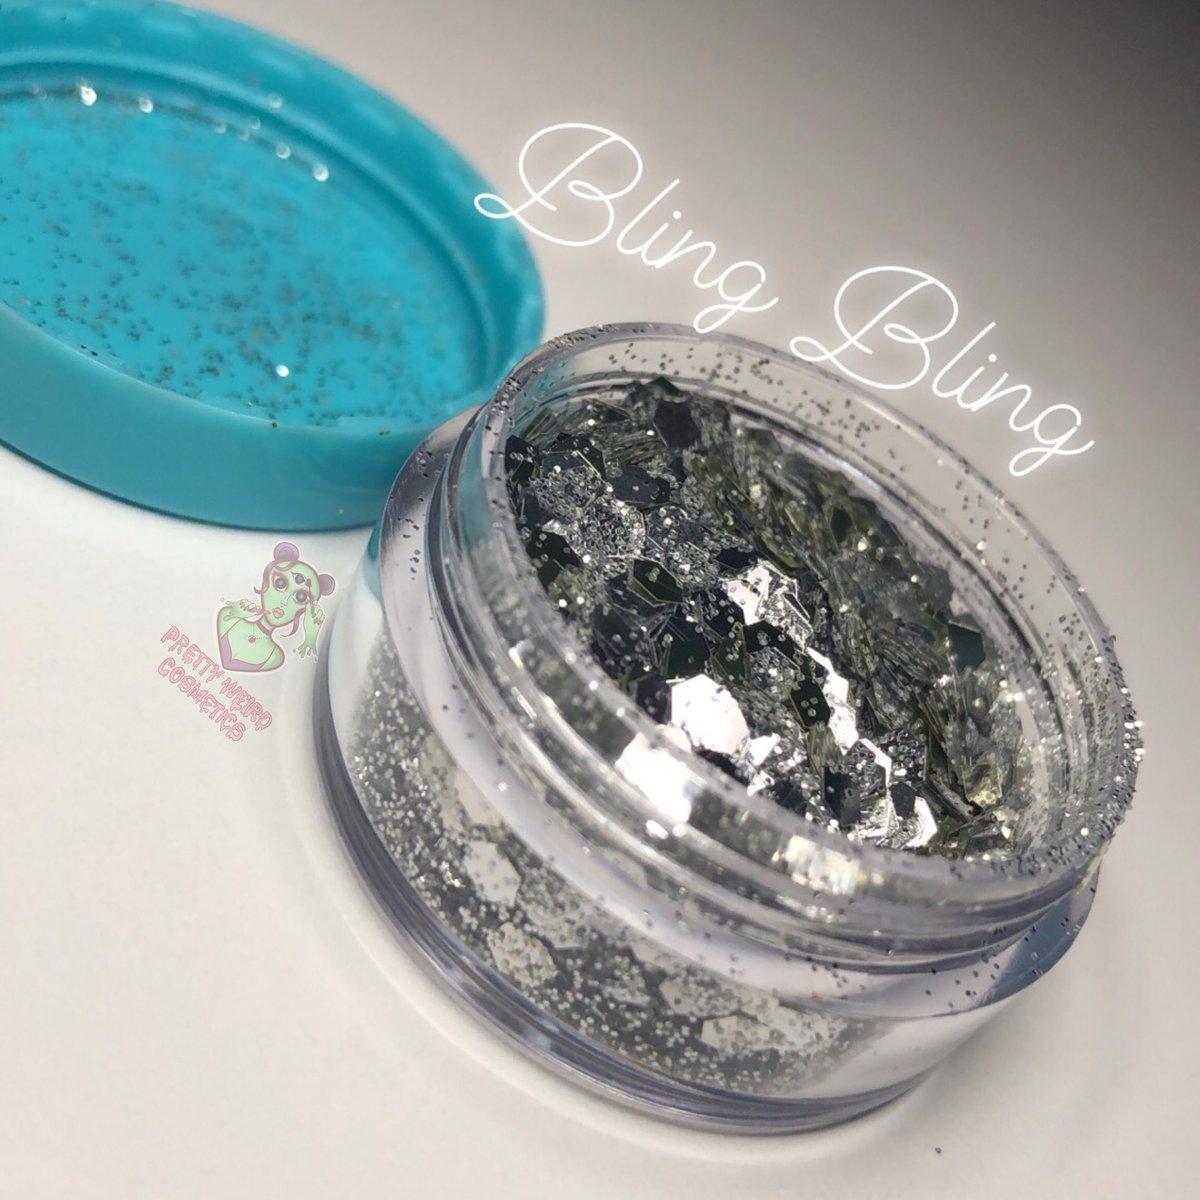 Image of Bling Bling Chunky Glitter